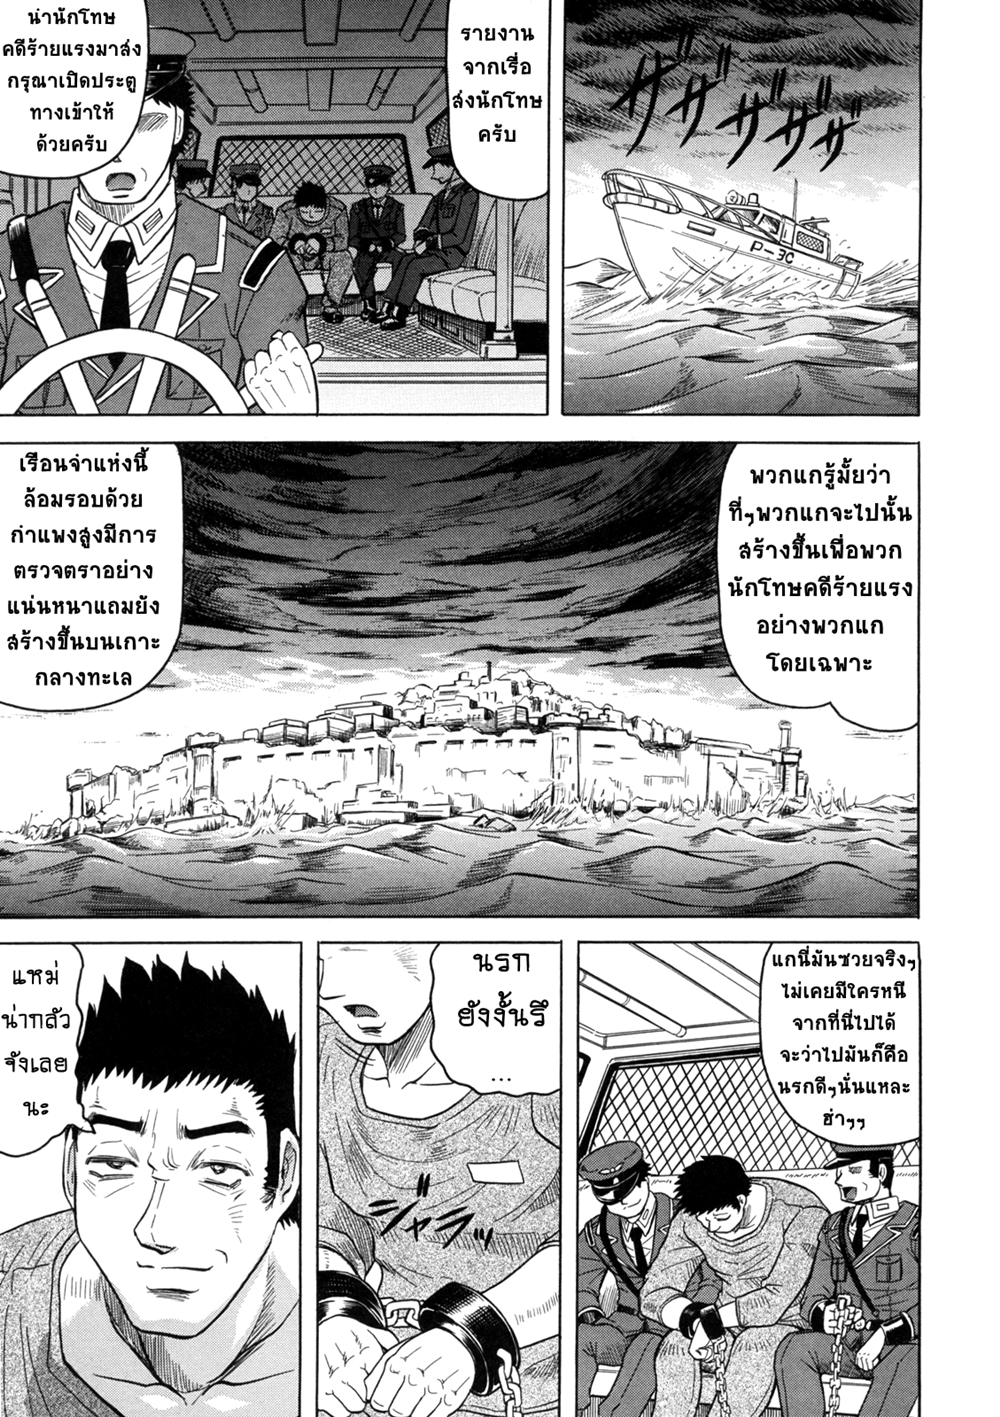 Kangokujima   คุกนรกกลางทะเล Ch. 1-3 [Thai ภาษาไทย] {(S)Kater}